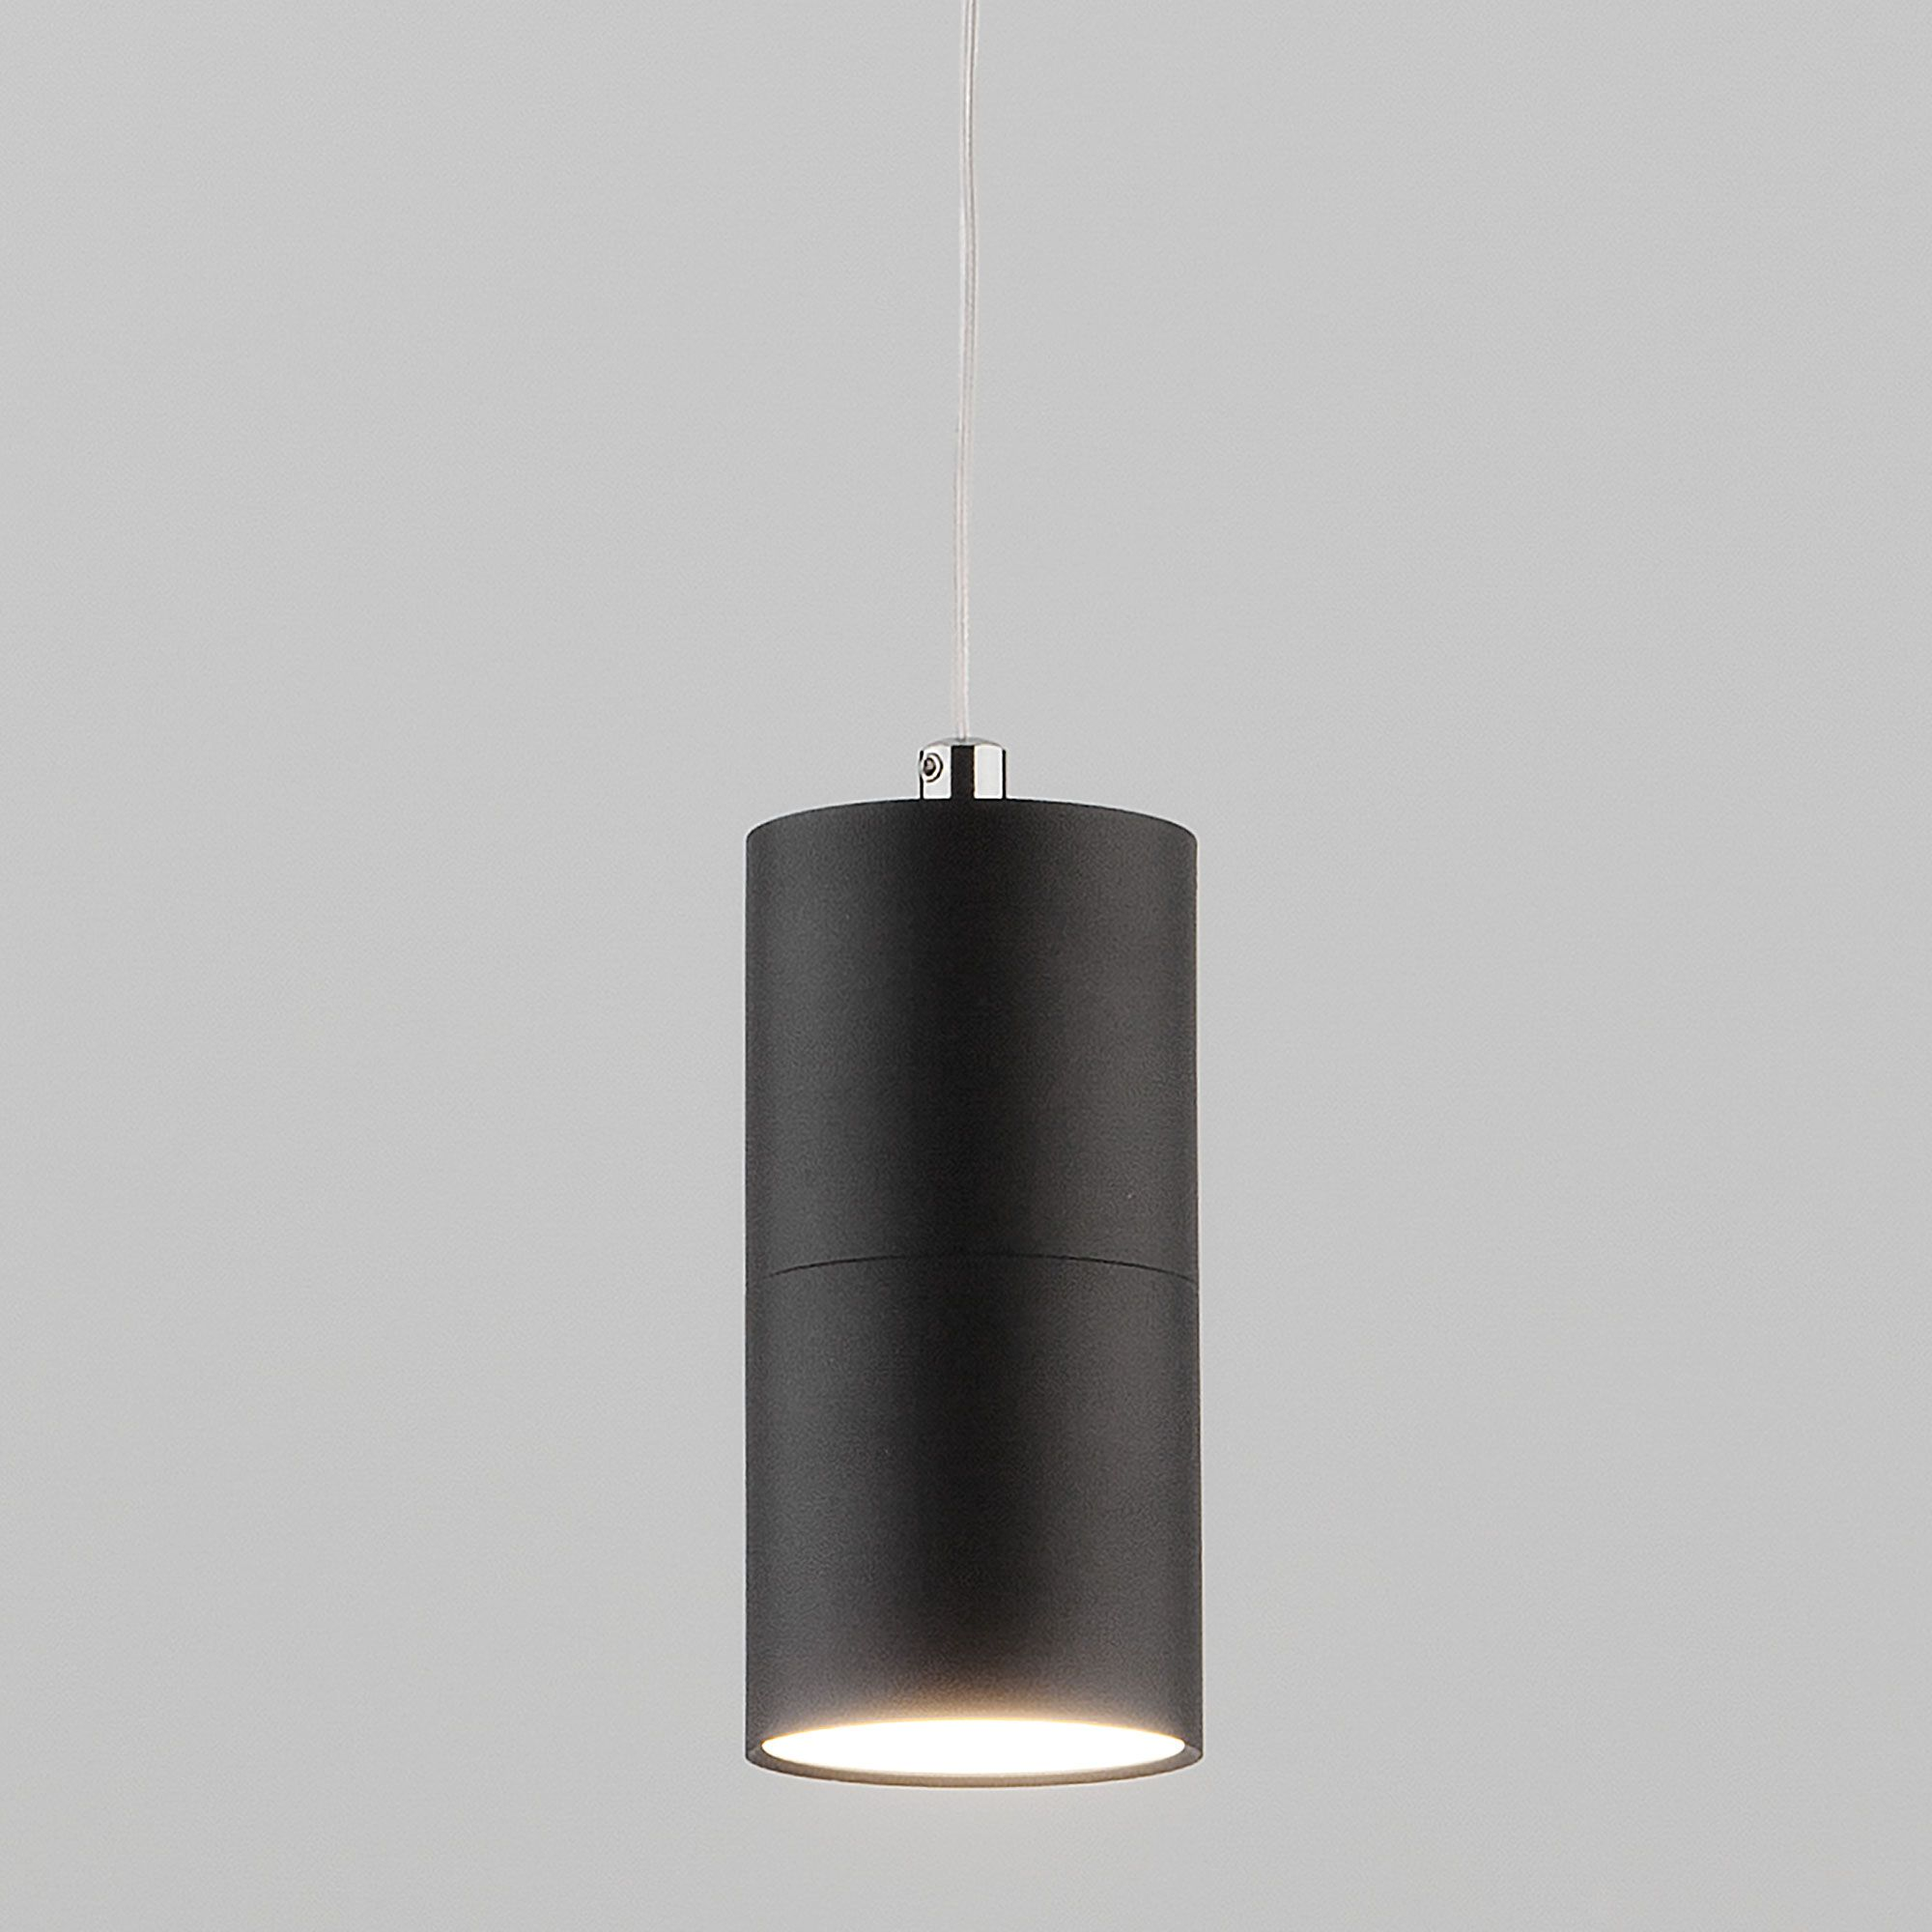 Подвесной металлический светильник лофт 50146/1 черный